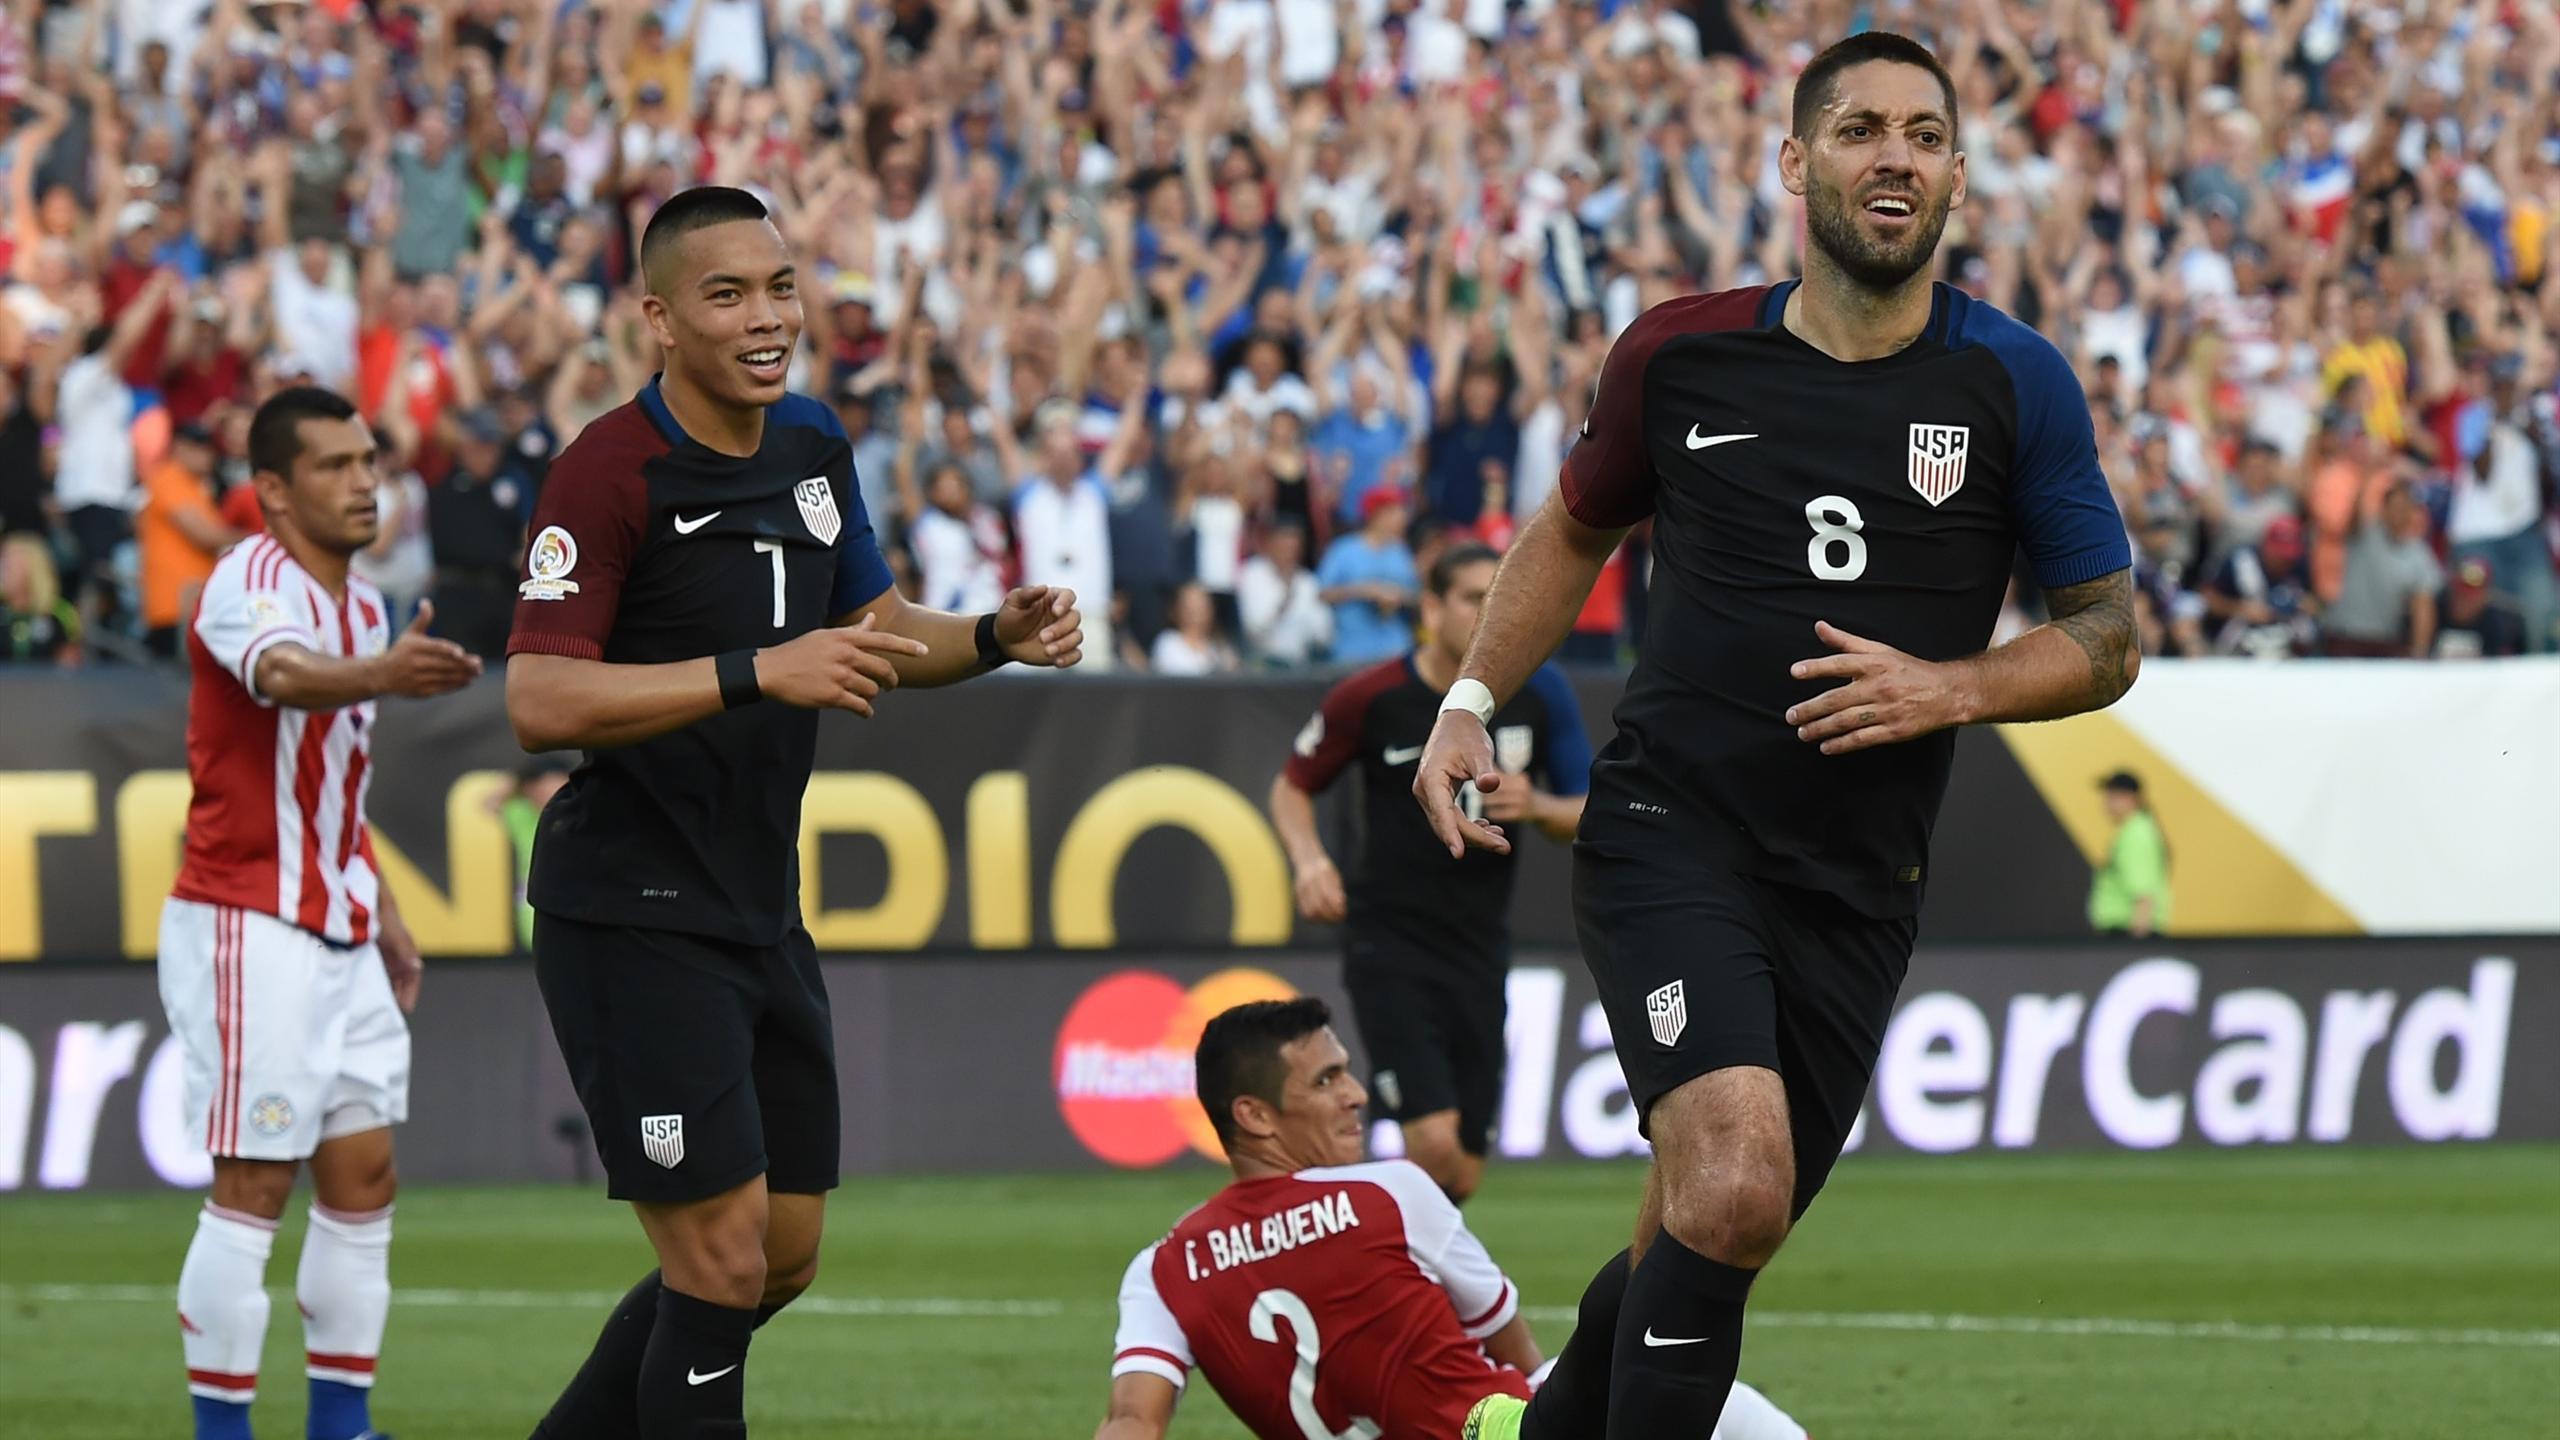 Clint Dempsey (Etats-Unis) célèbre son but contre le Paraguay